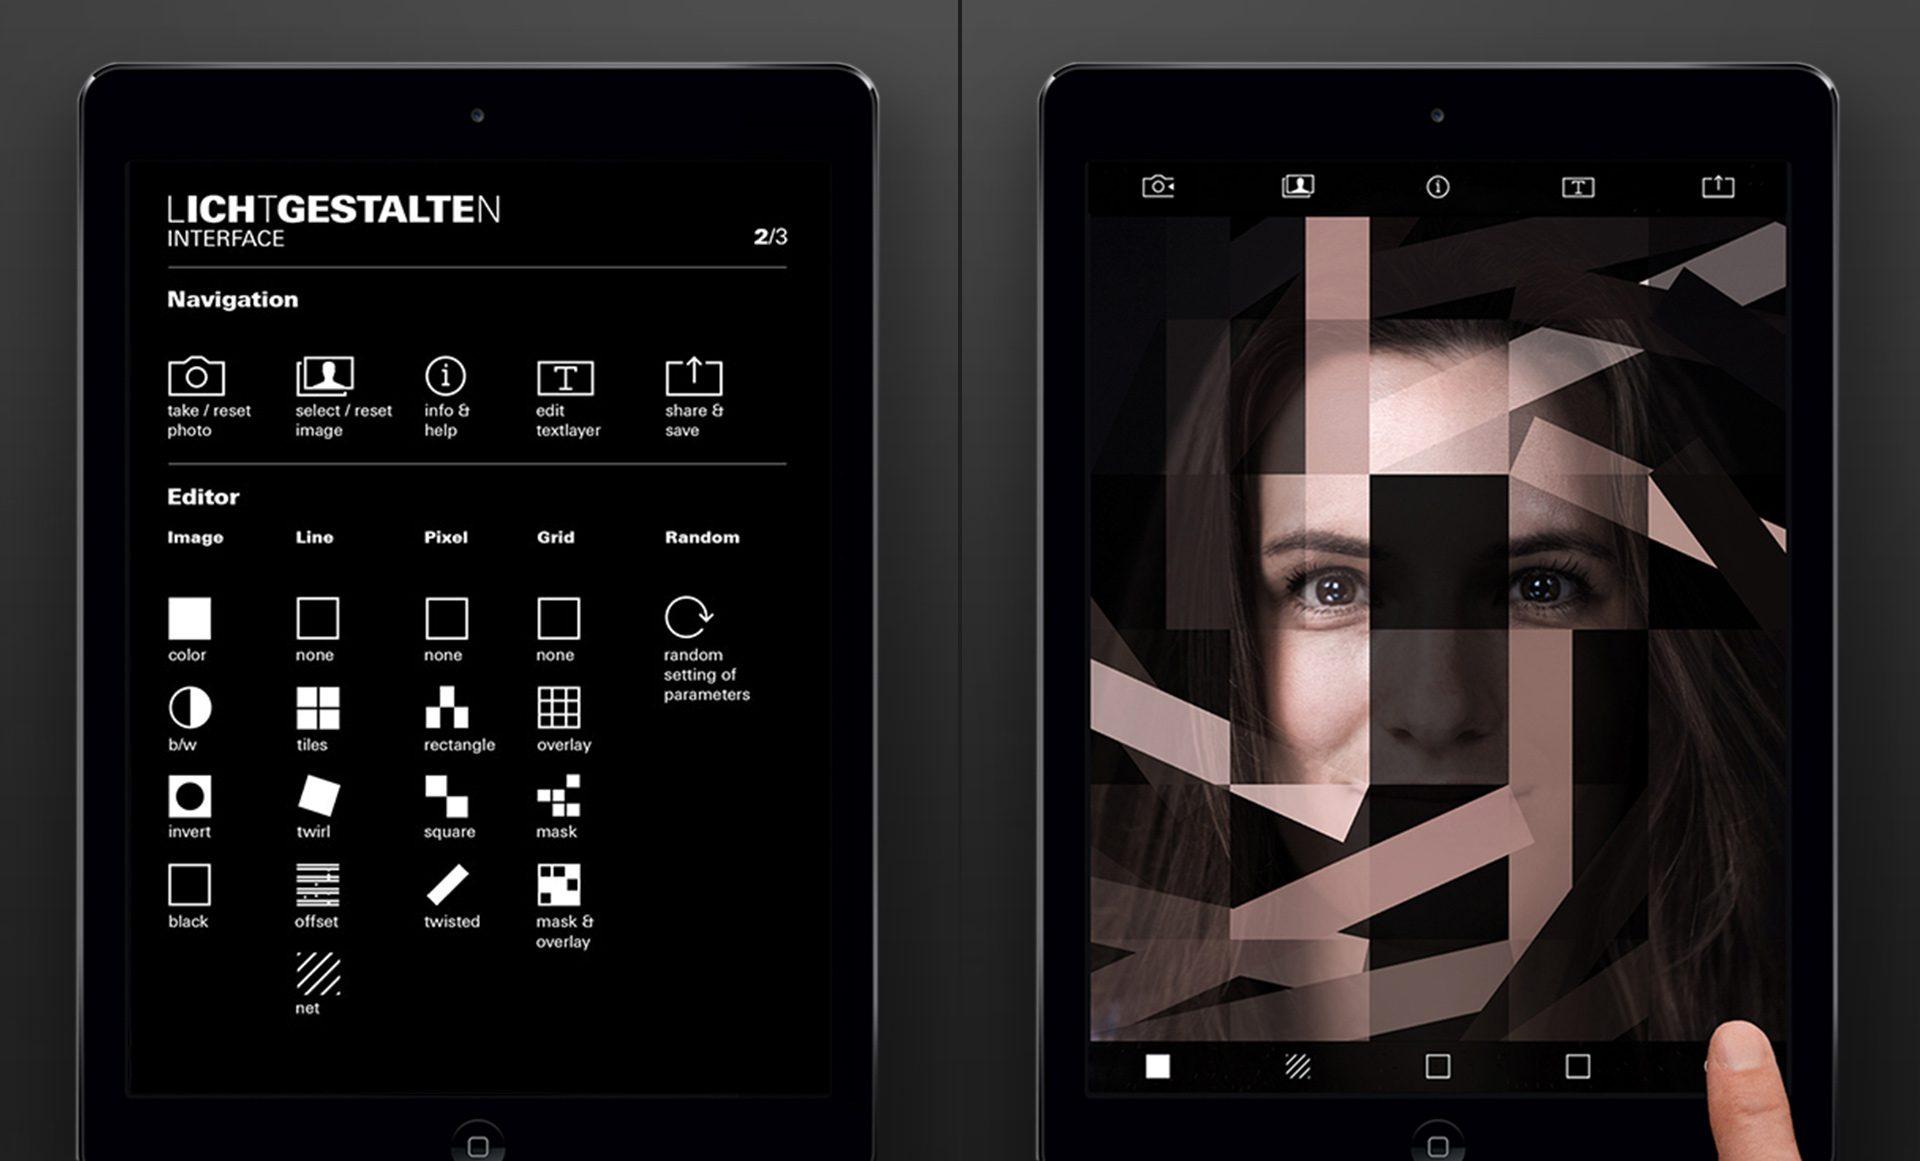 lichtgestalten-app-7